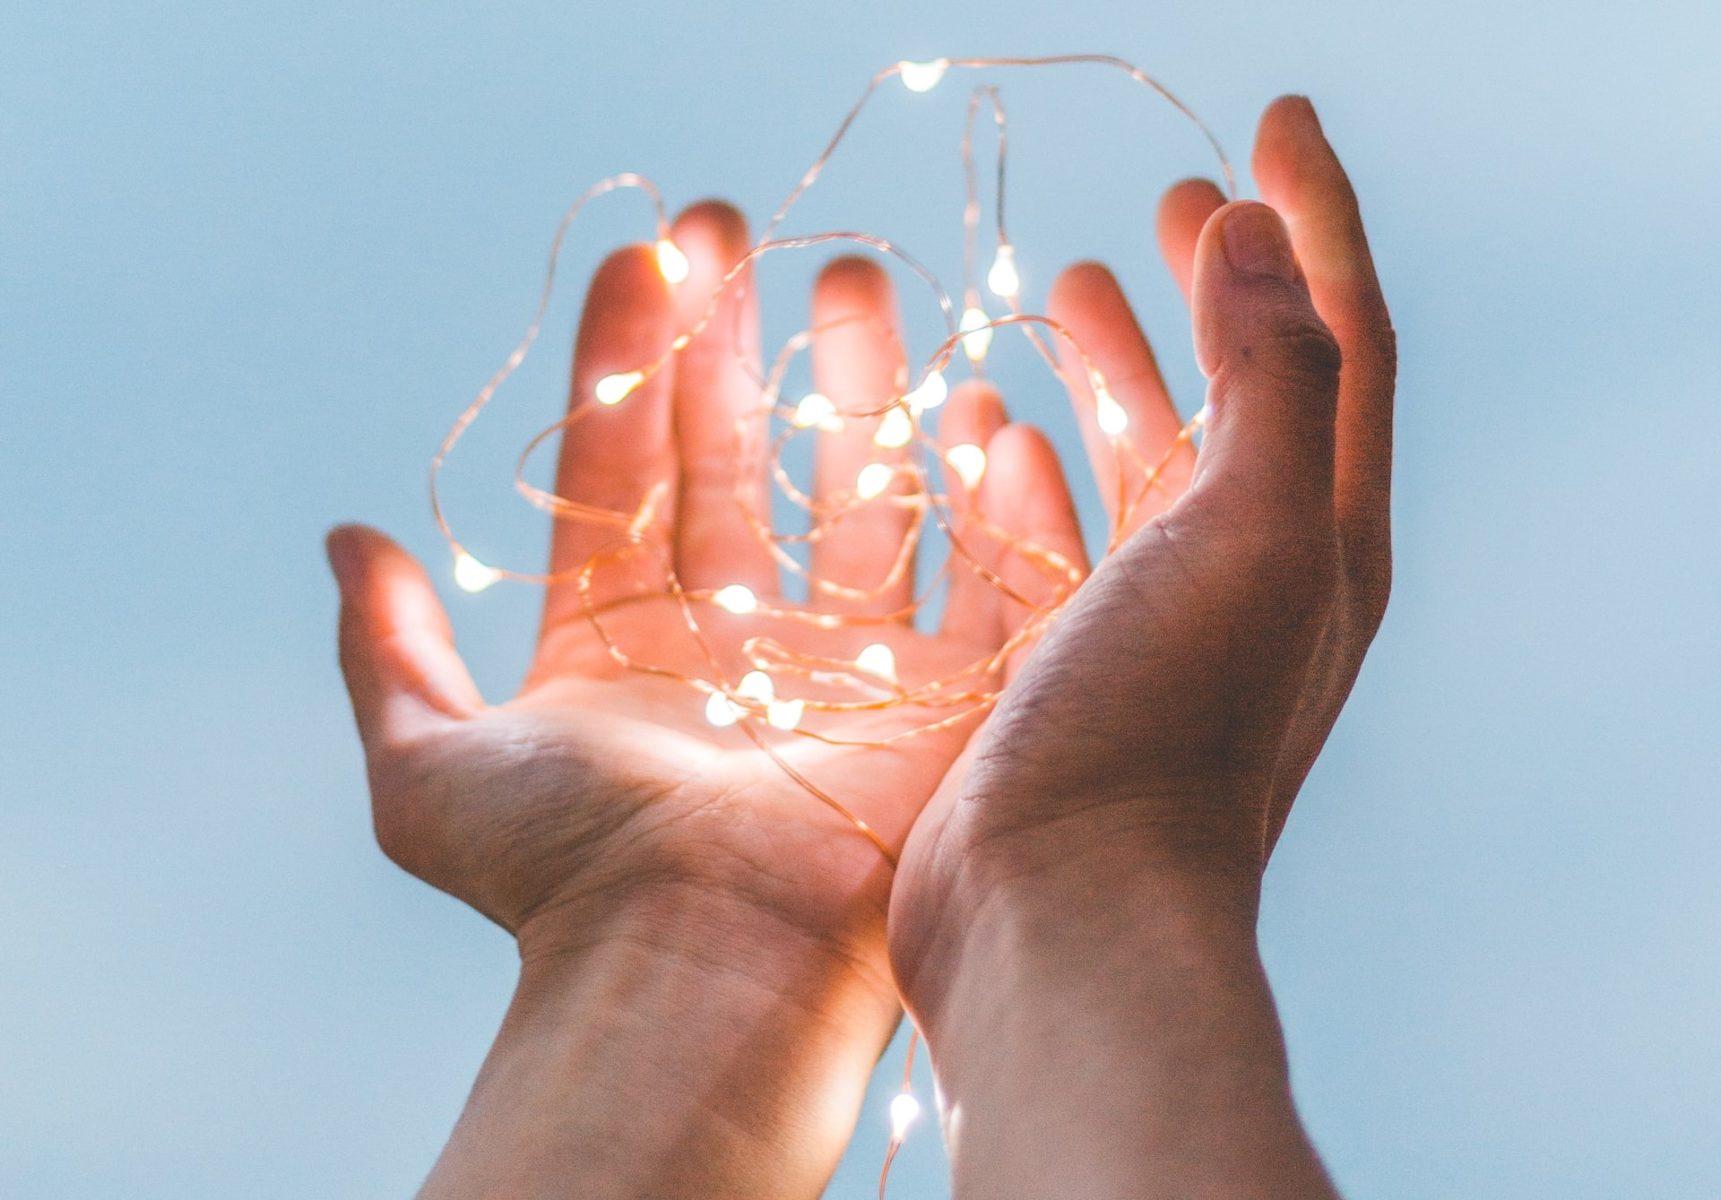 open hands holding fragile light